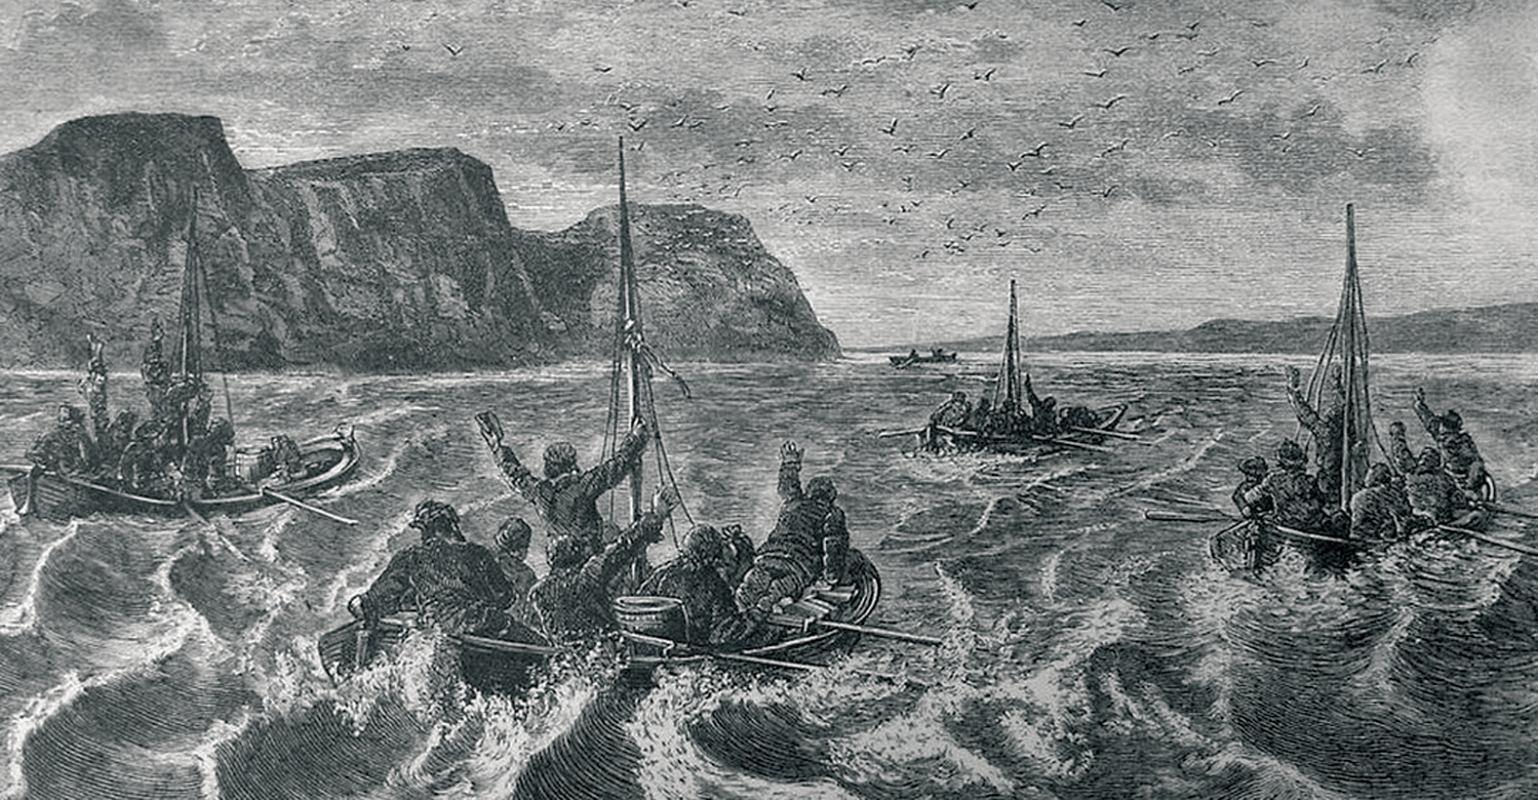 Kraj polarne ekspedicije